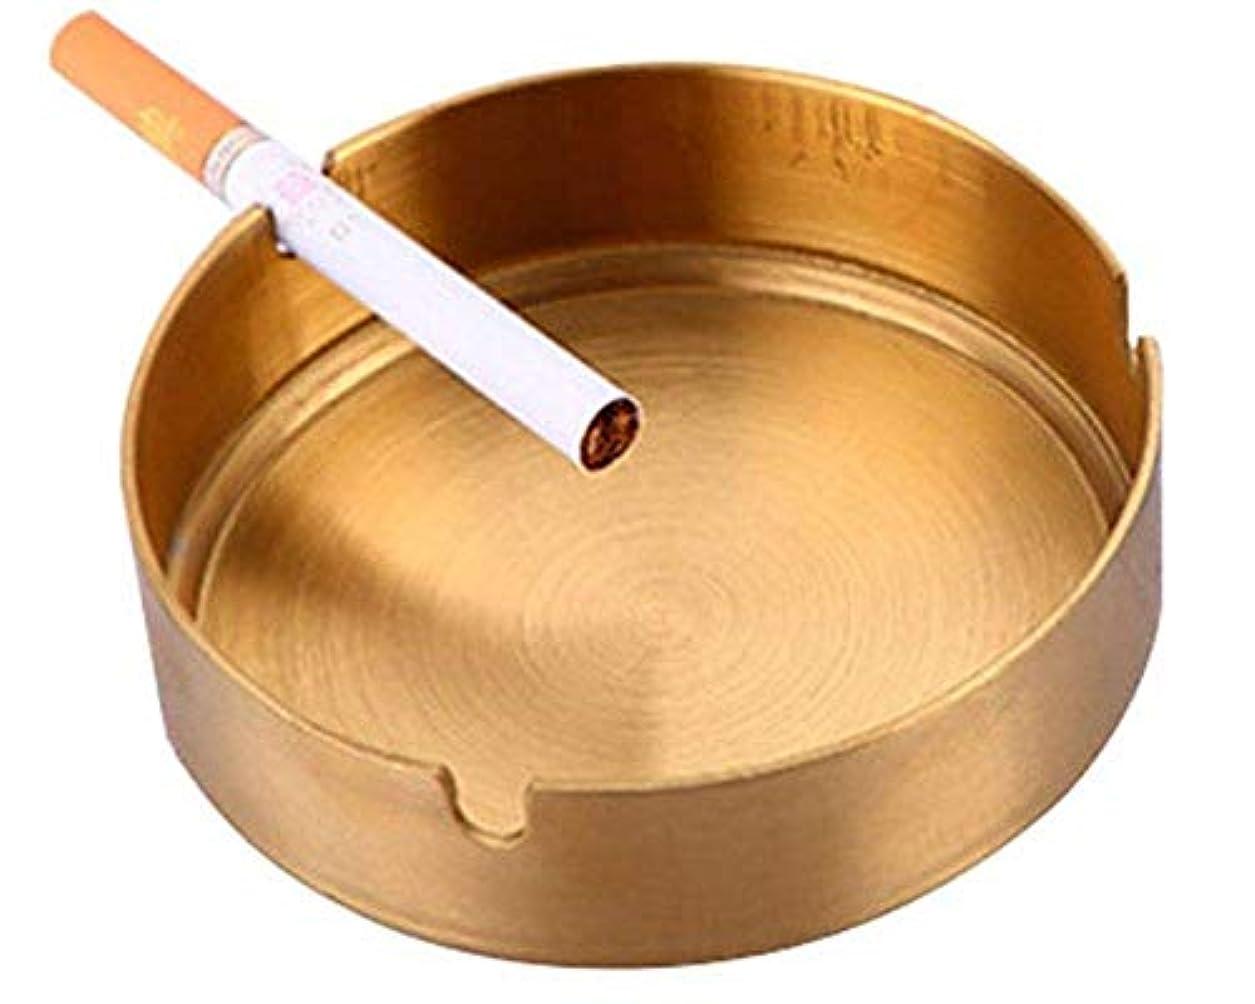 機械ぼろご飯ステンレススチールメタル灰皿、屋外屋内灰皿、灰皿喫煙ホームオフィスデコレーションデスクトップ(ゴールド)